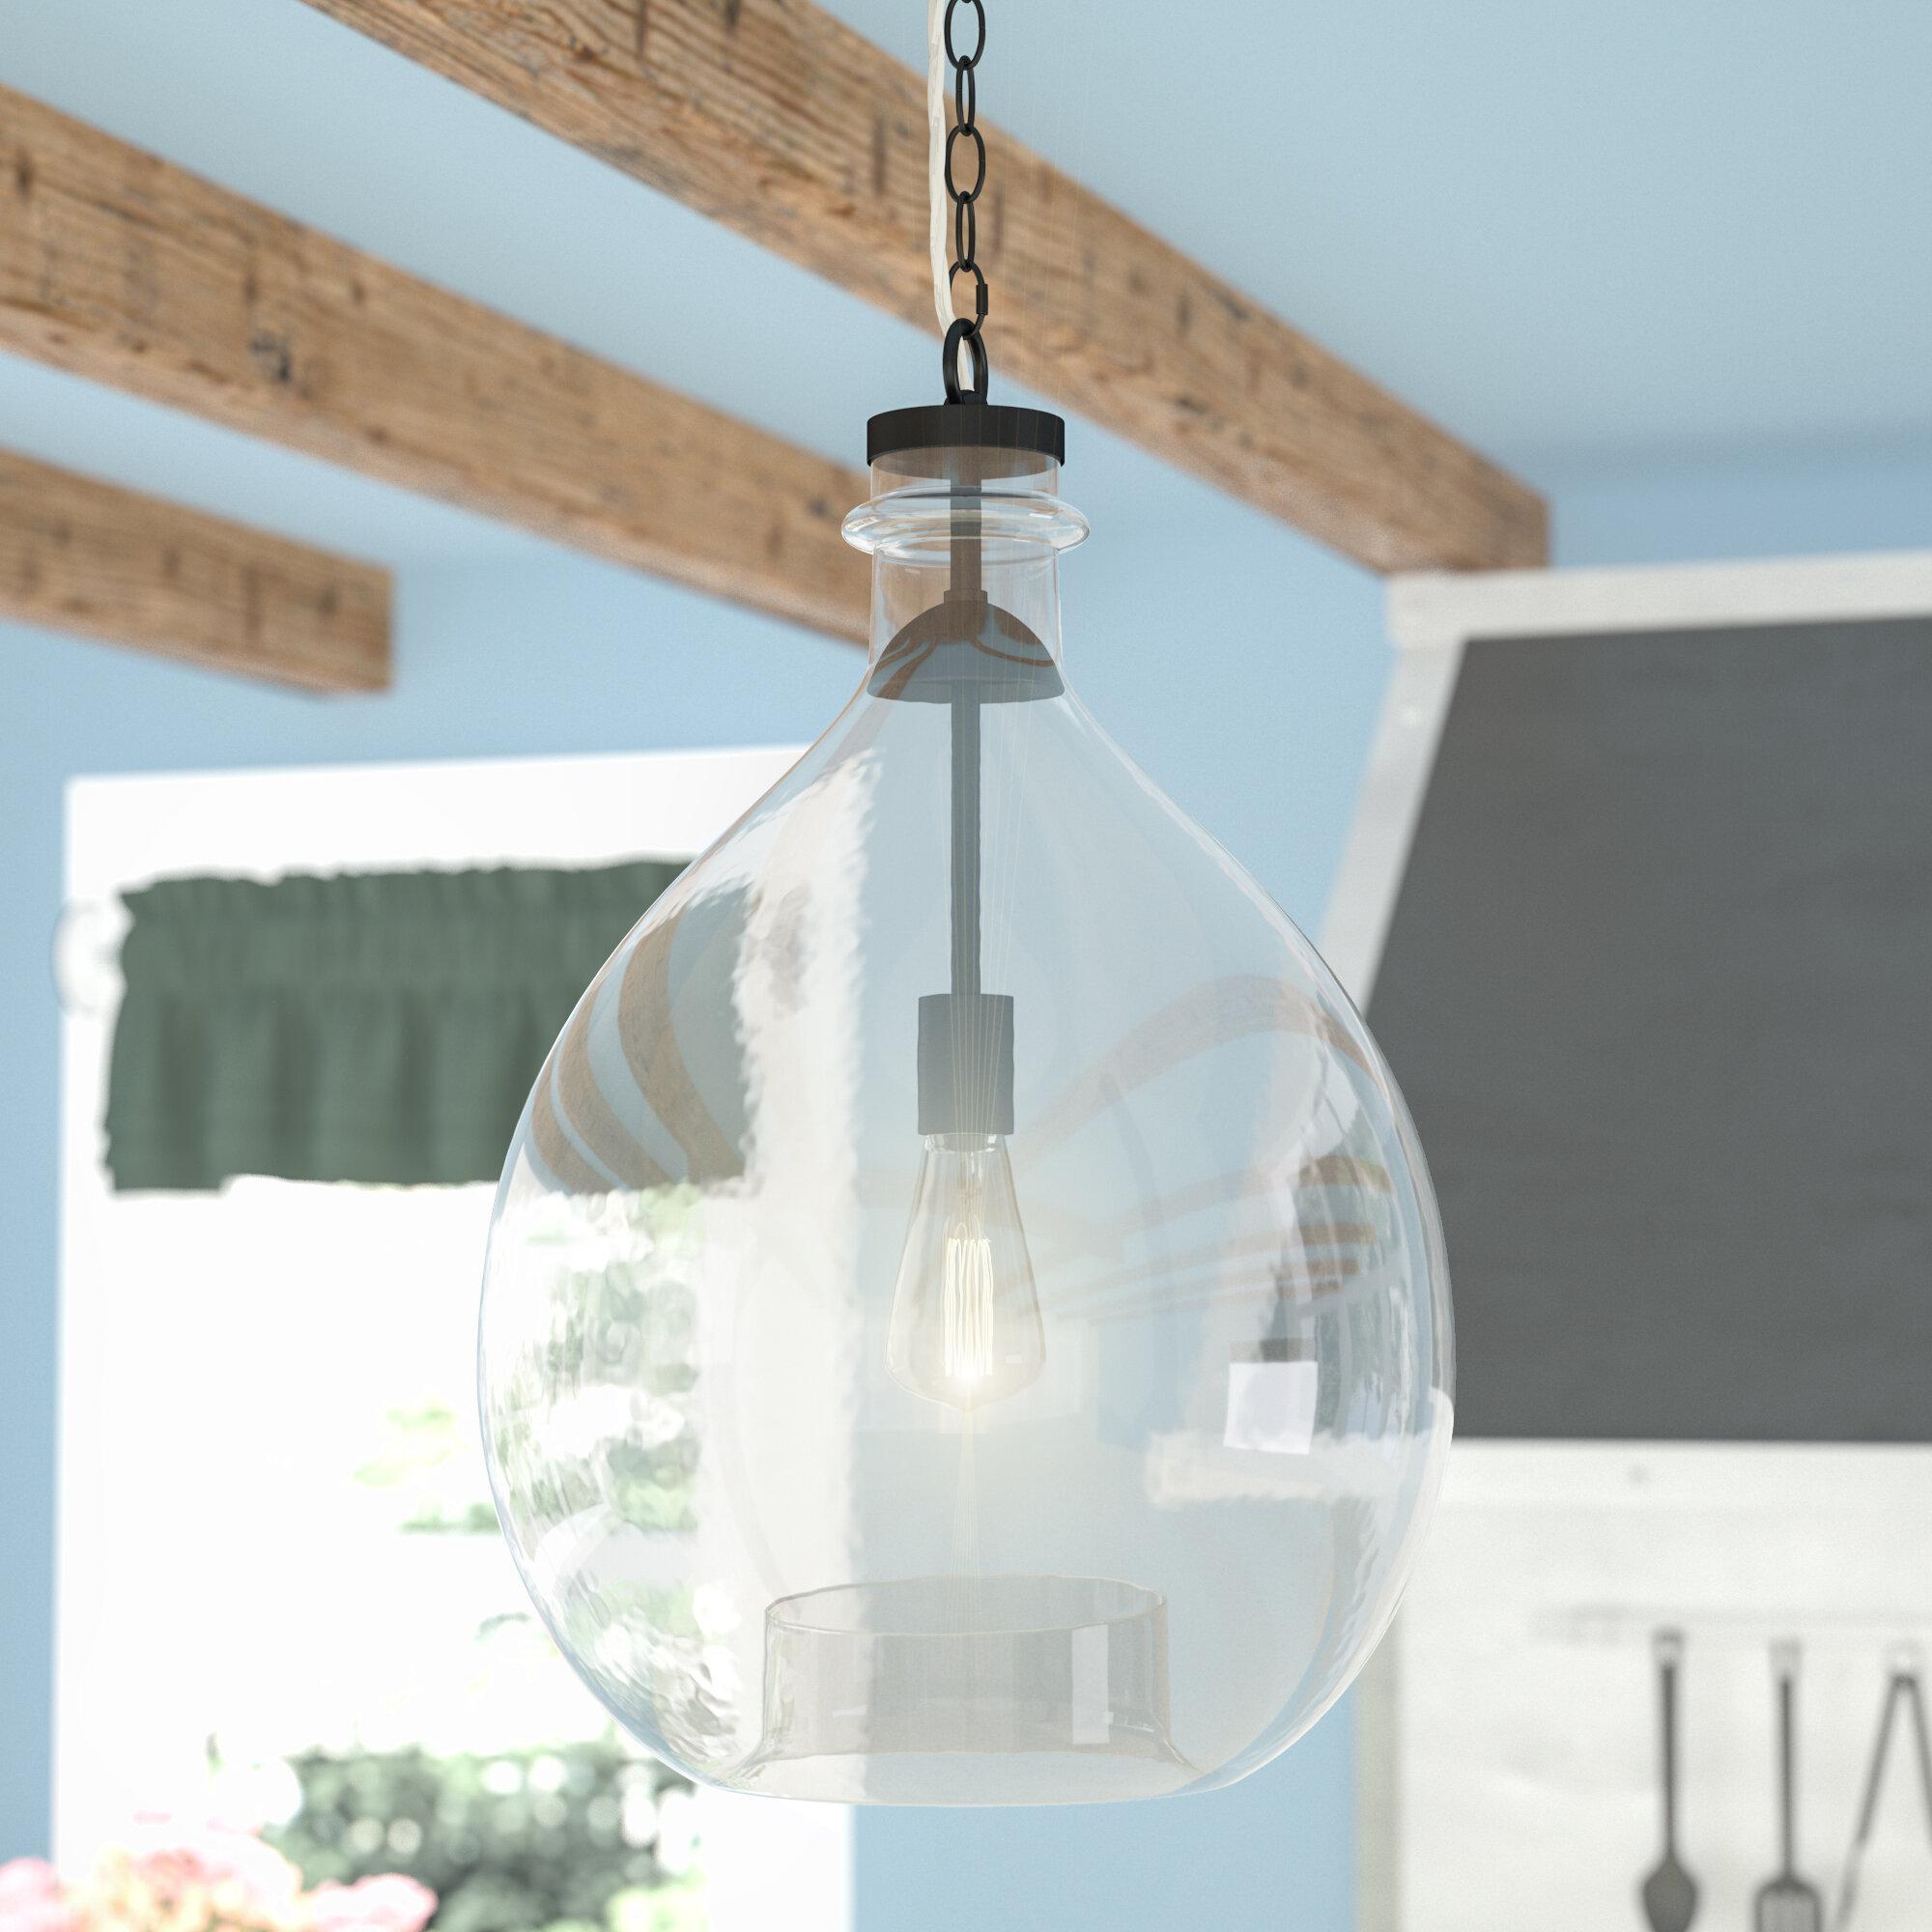 Laurel Foundry Modern Farmhouse Ganley Modern 1-Light Mini Pendant ...